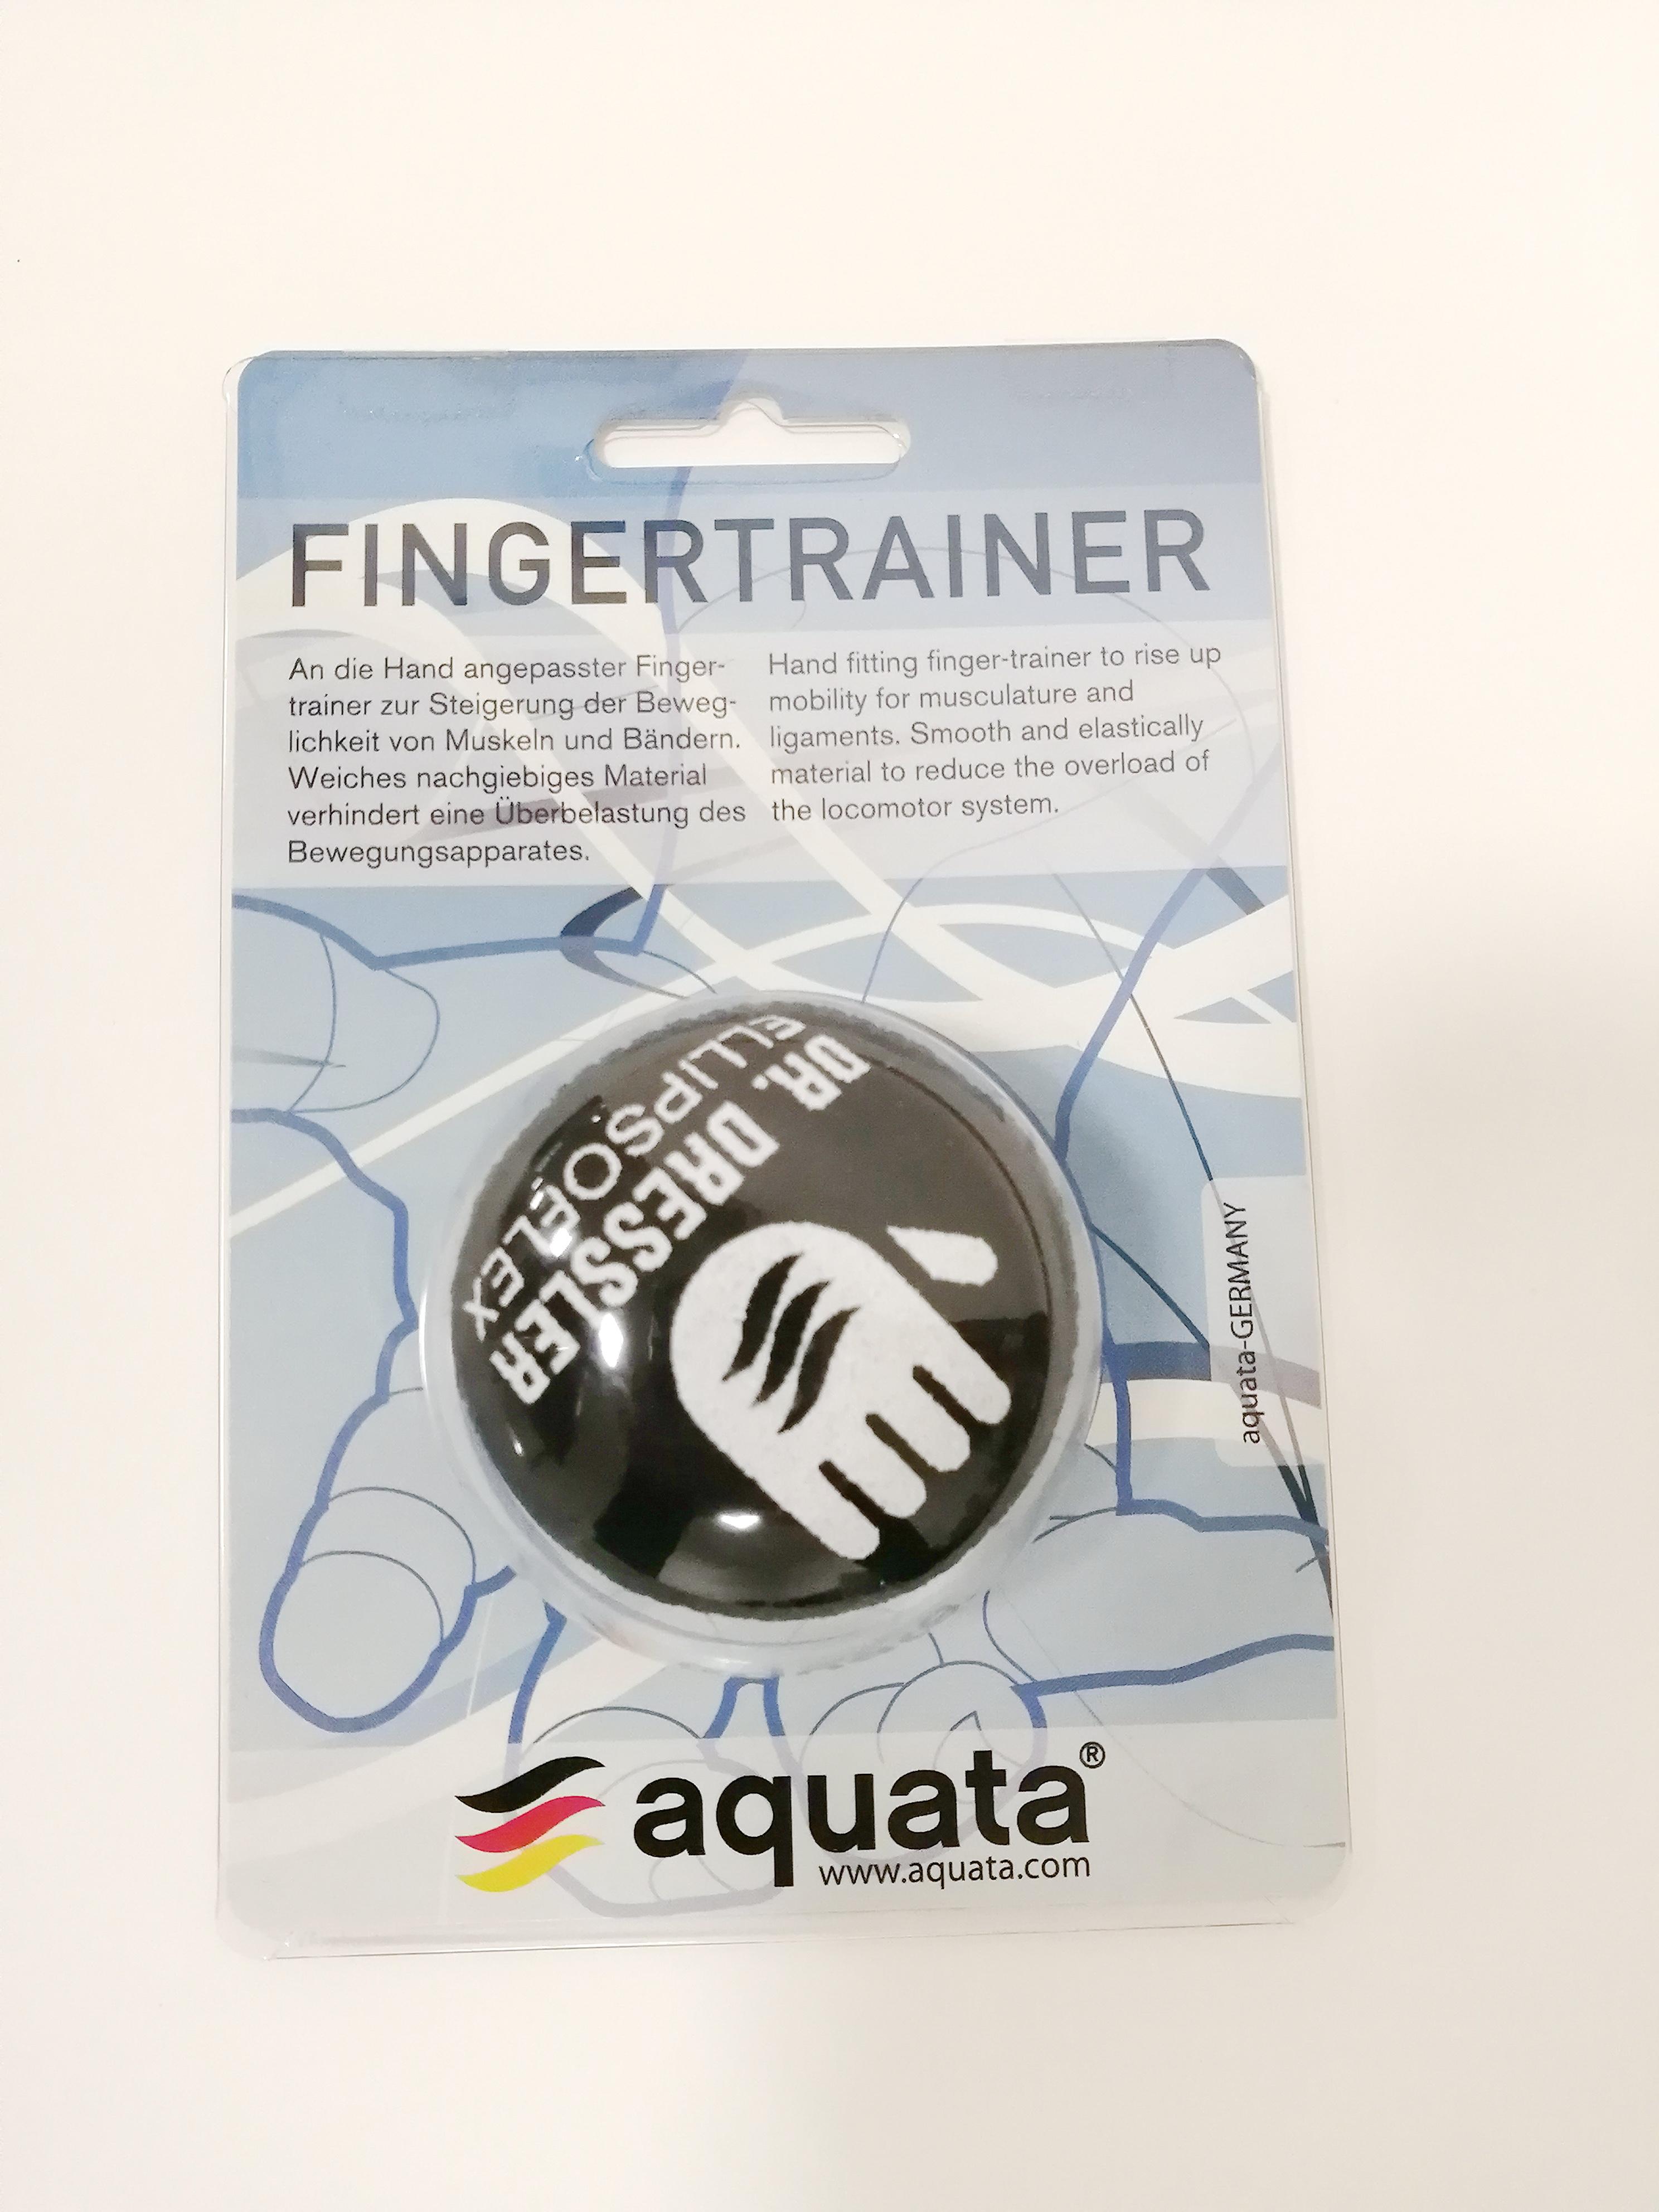 Neopren aquata Fingertrainer  zur   Stärkung der Fingerbeweglichkeit  Modell: Elipsoflex | aquata